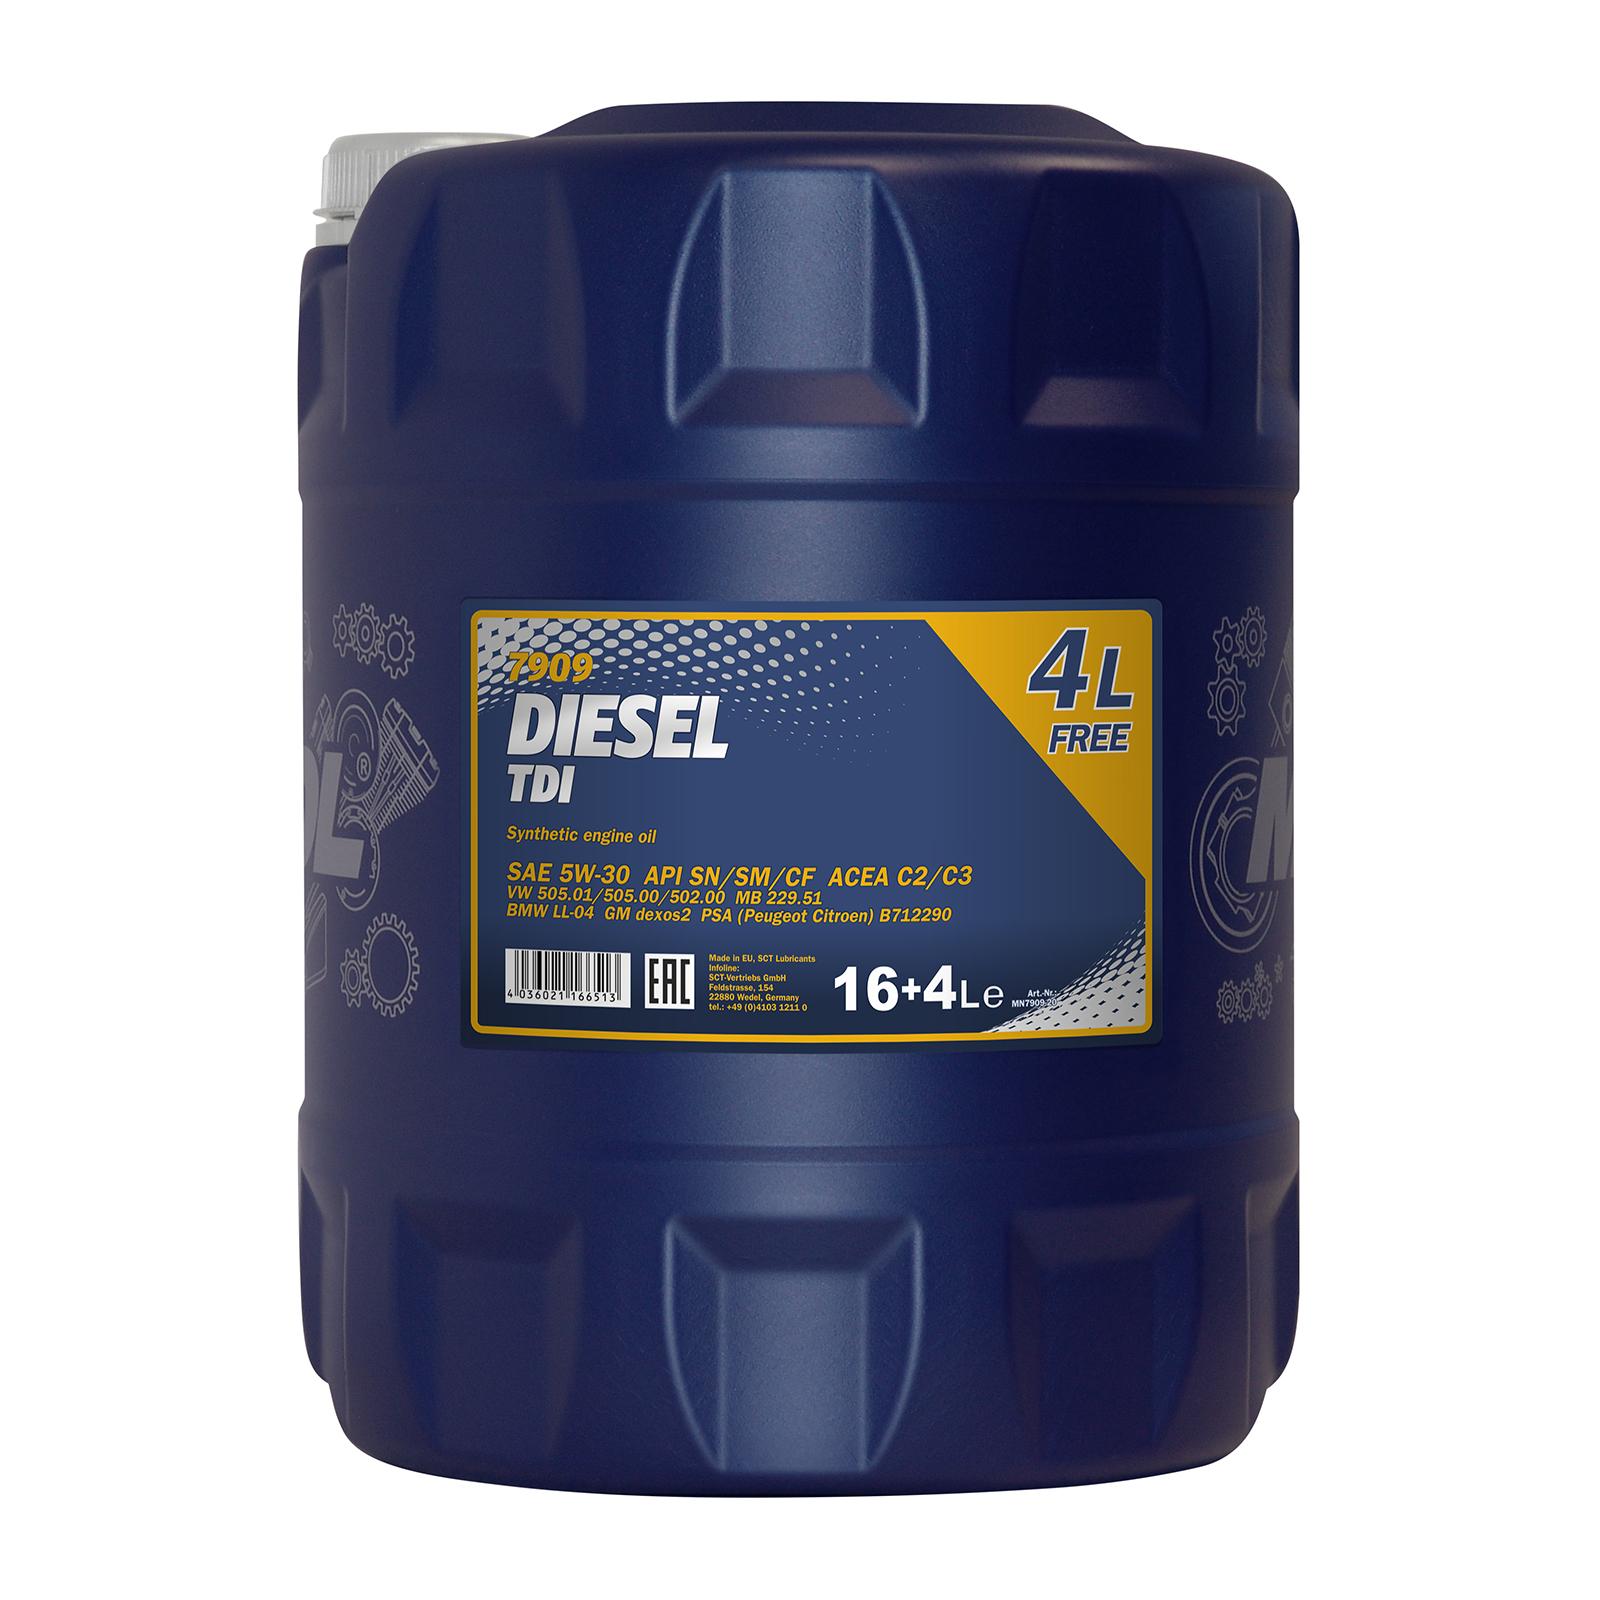 SPARANGEBOT: 20 Liter MANNOL 5W-30 Diesel TDI, davon 4 Liter gratis